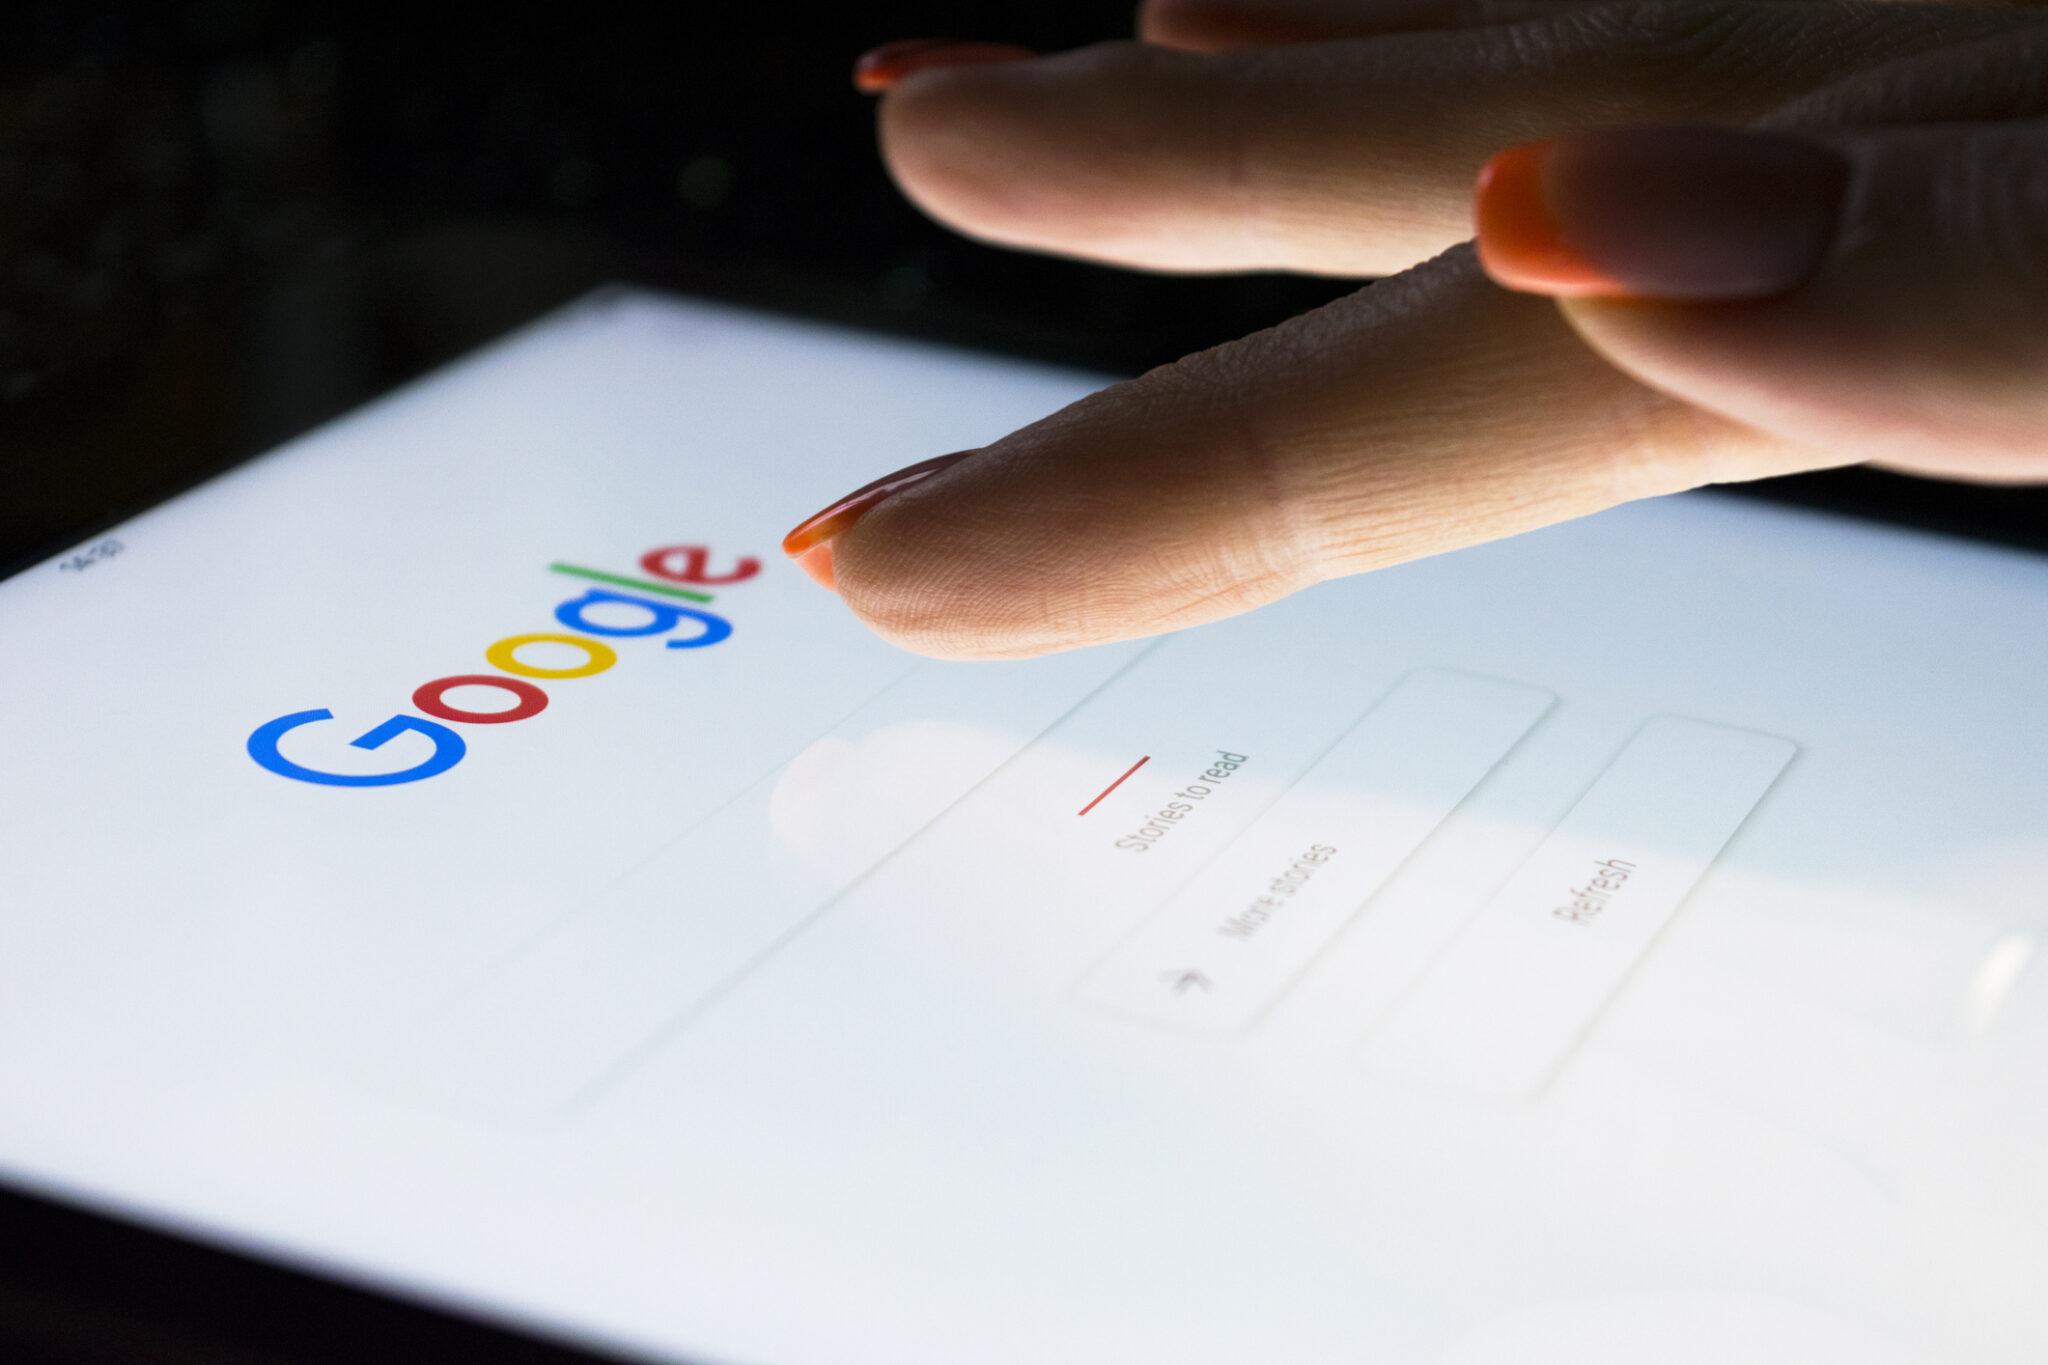 Finger auf iPad tippt etwas in die Google-Suche ein